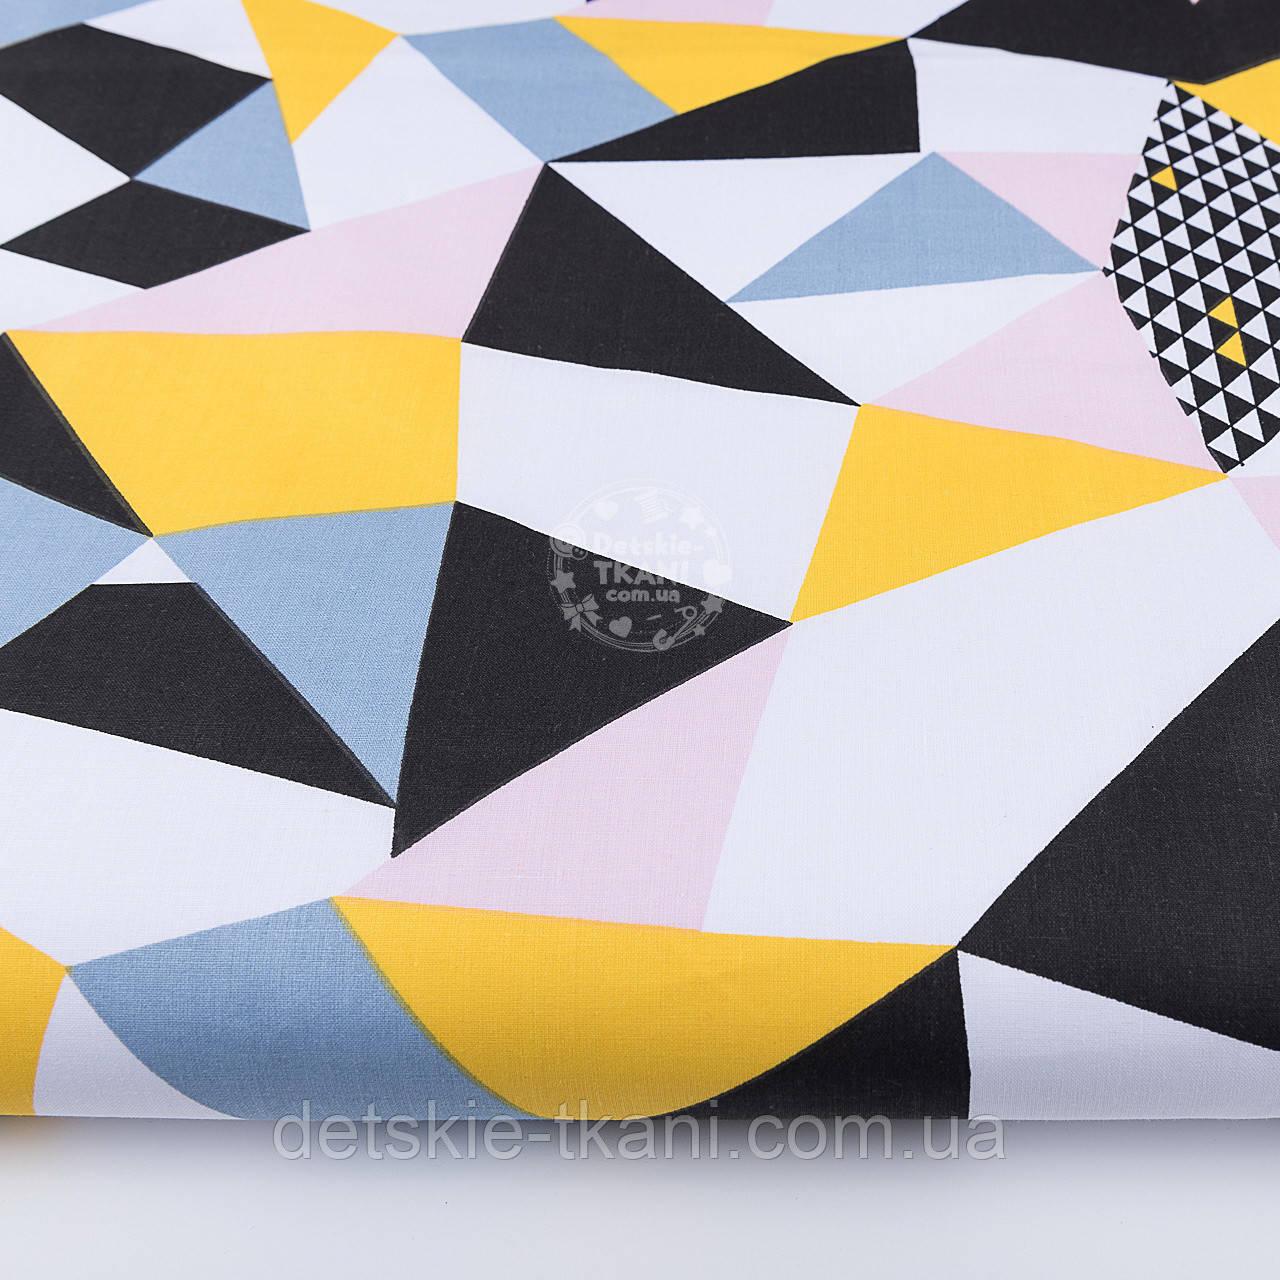 """Ткань хлопковая """"Калейдоскоп из треугольников"""", цвет жёлтый, чёрный, голубой, розовый №1166а"""